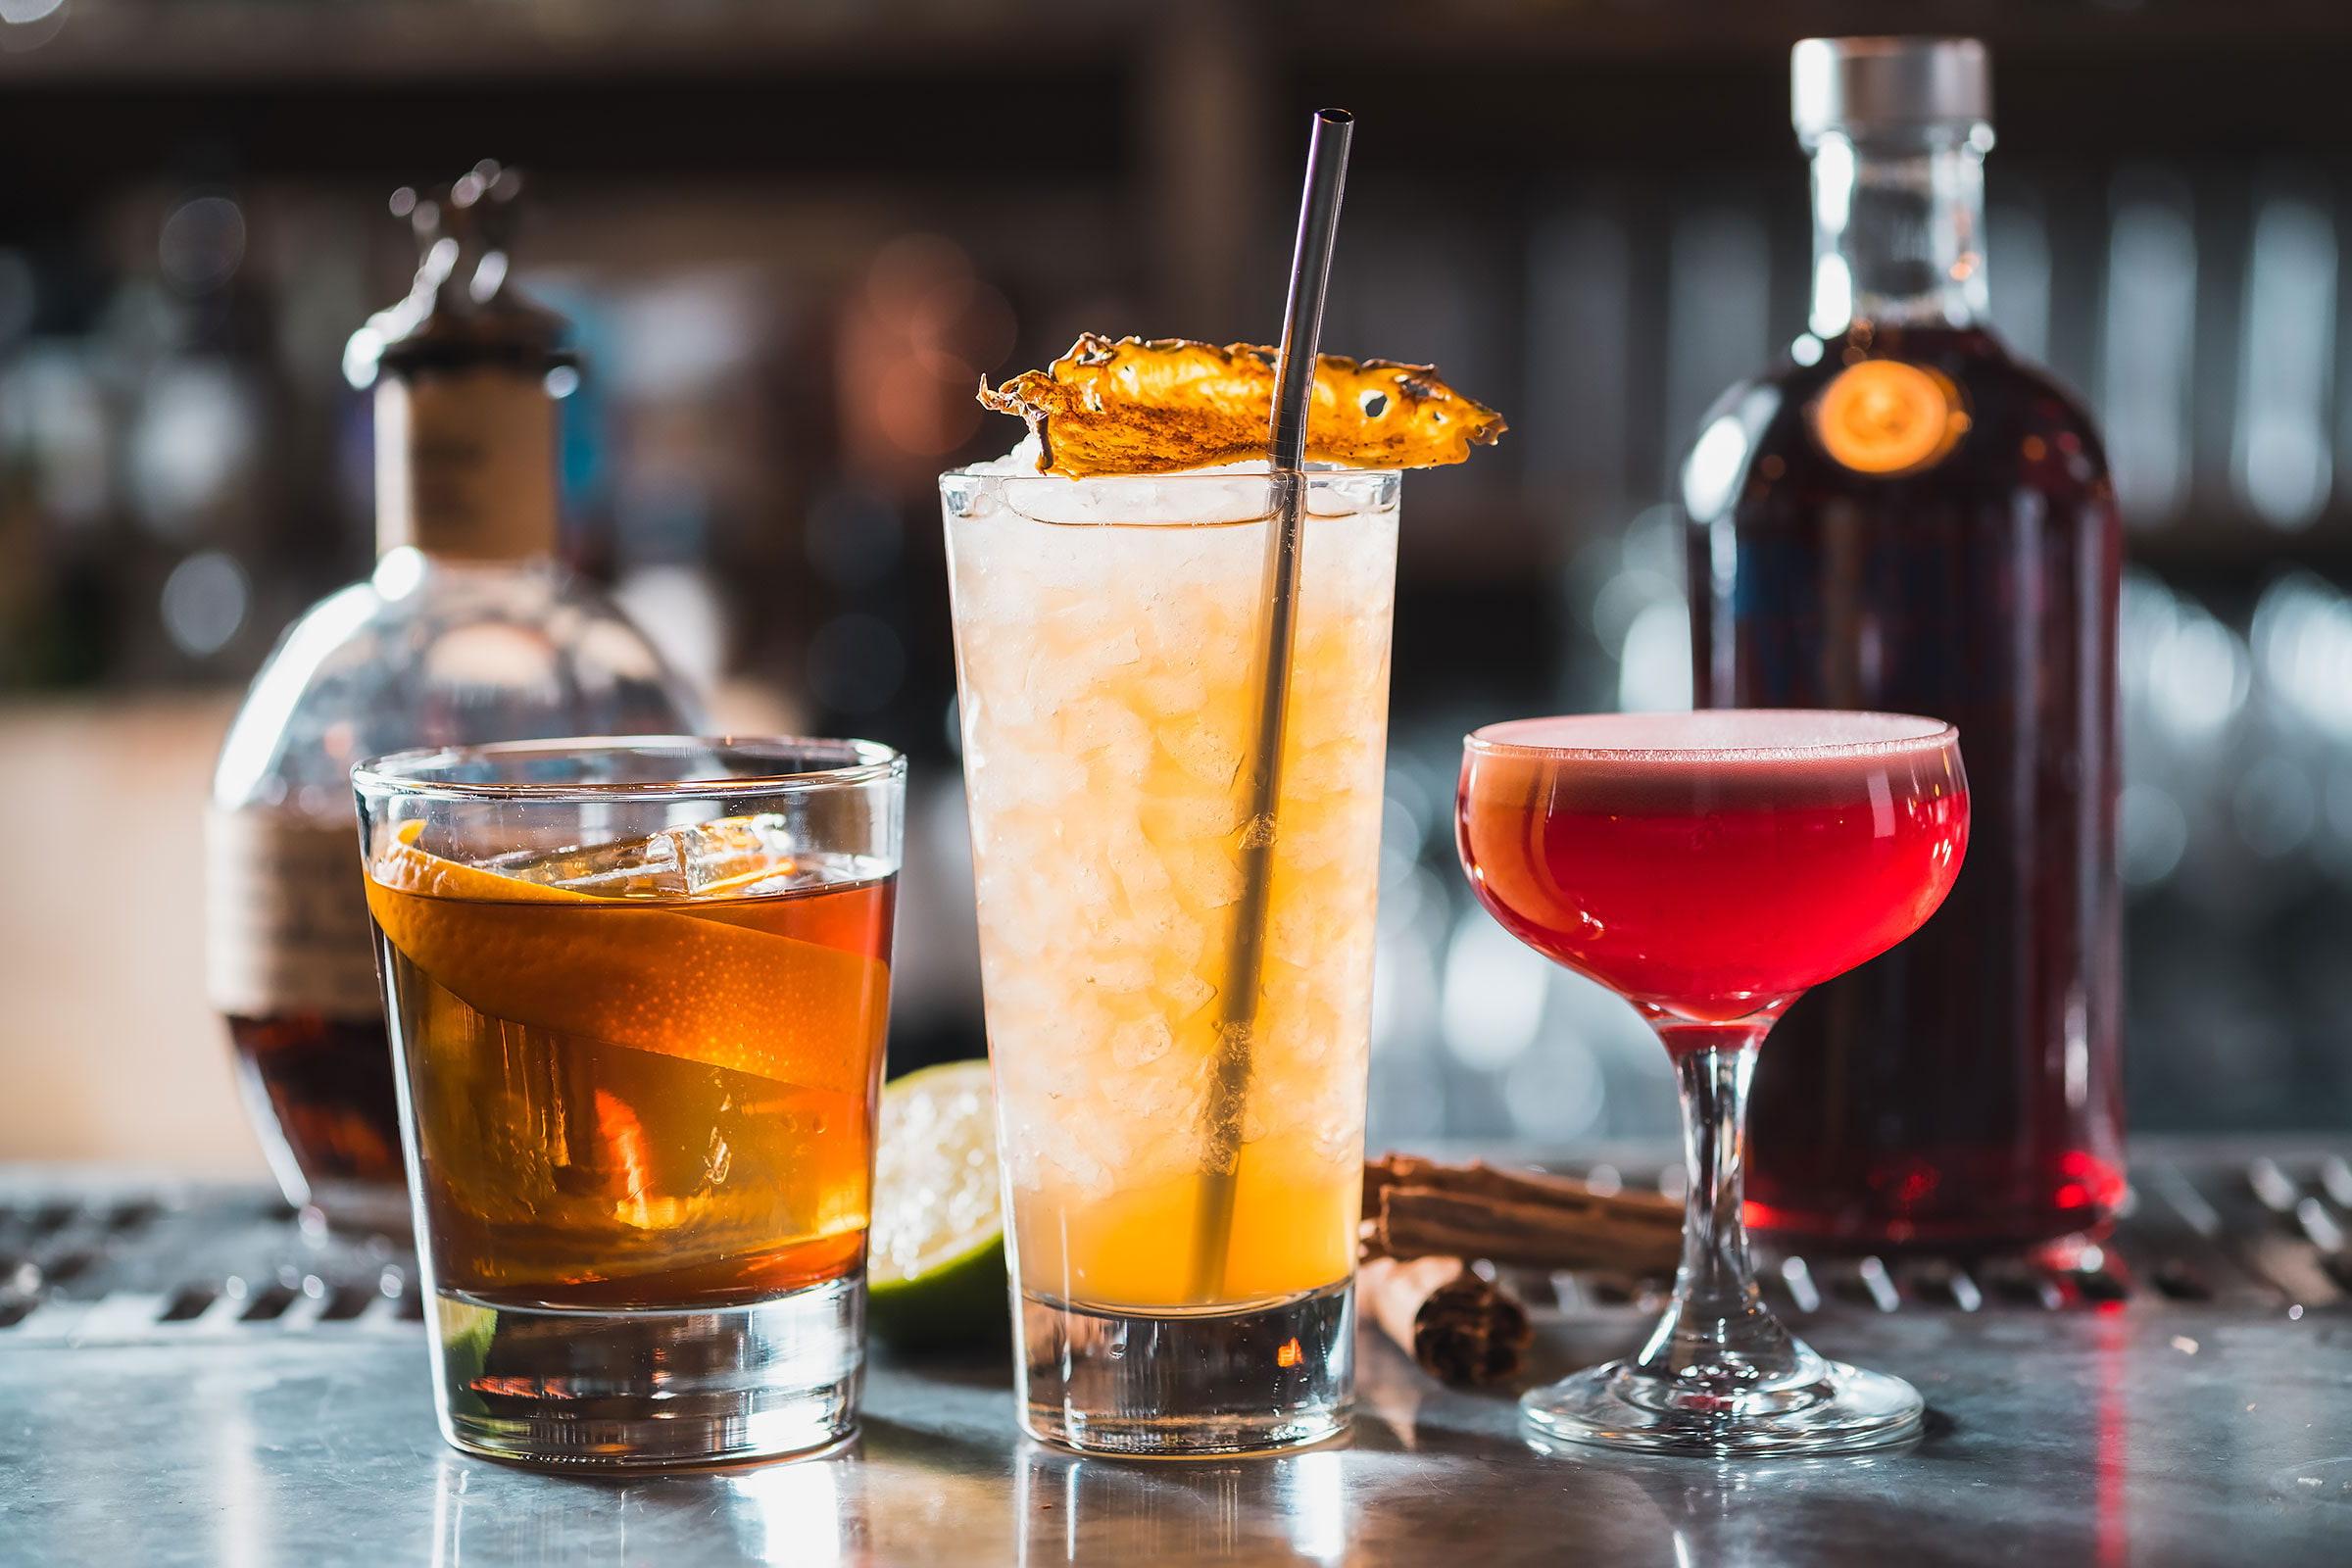 Tjoget, årets bästa cocktailbar